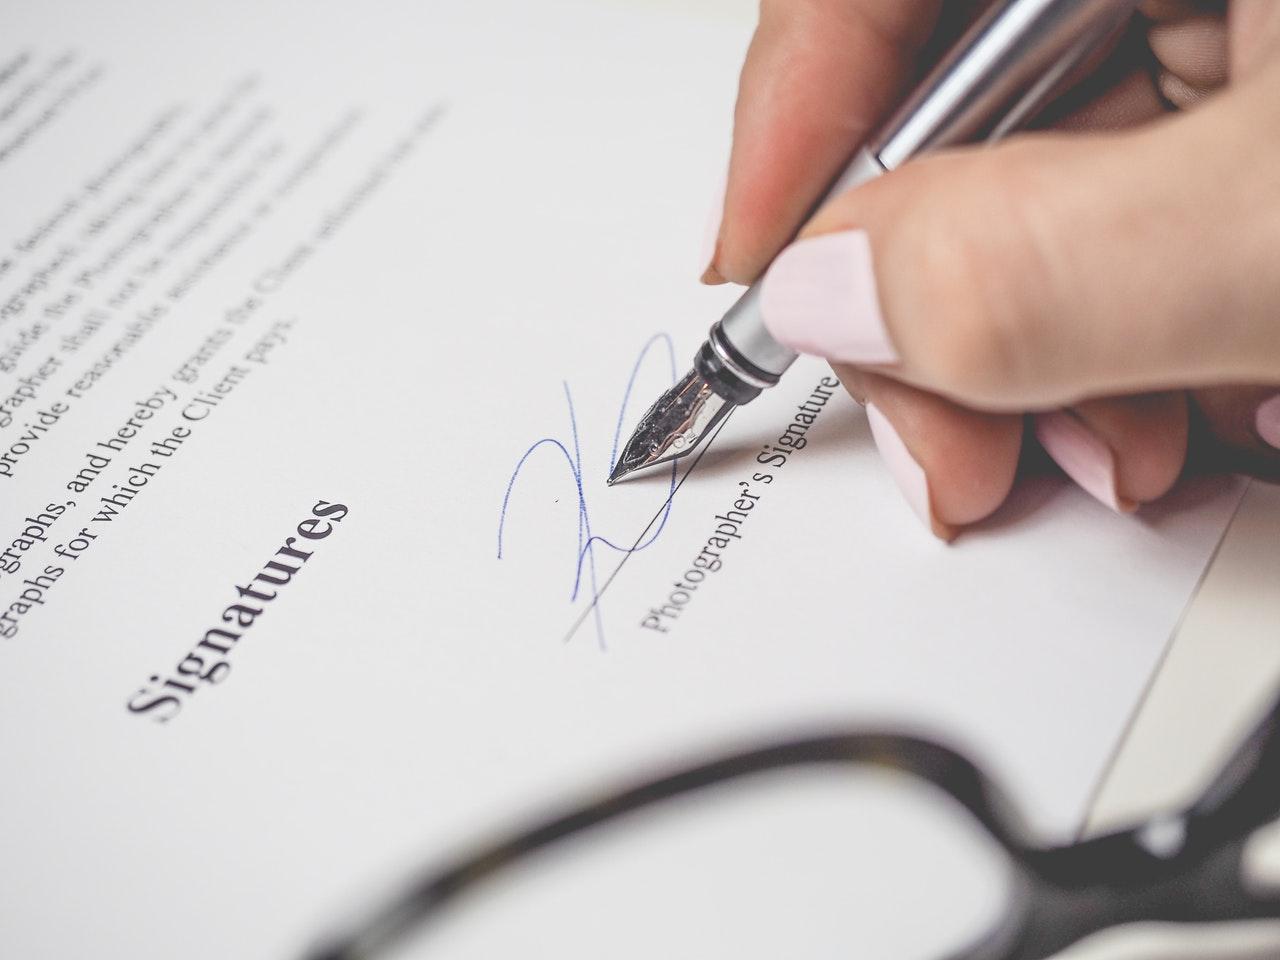 Rząd przyjął nowelizację ustaw o funduszach inwestycyjnych i o obrocie instrumentami finansowymi